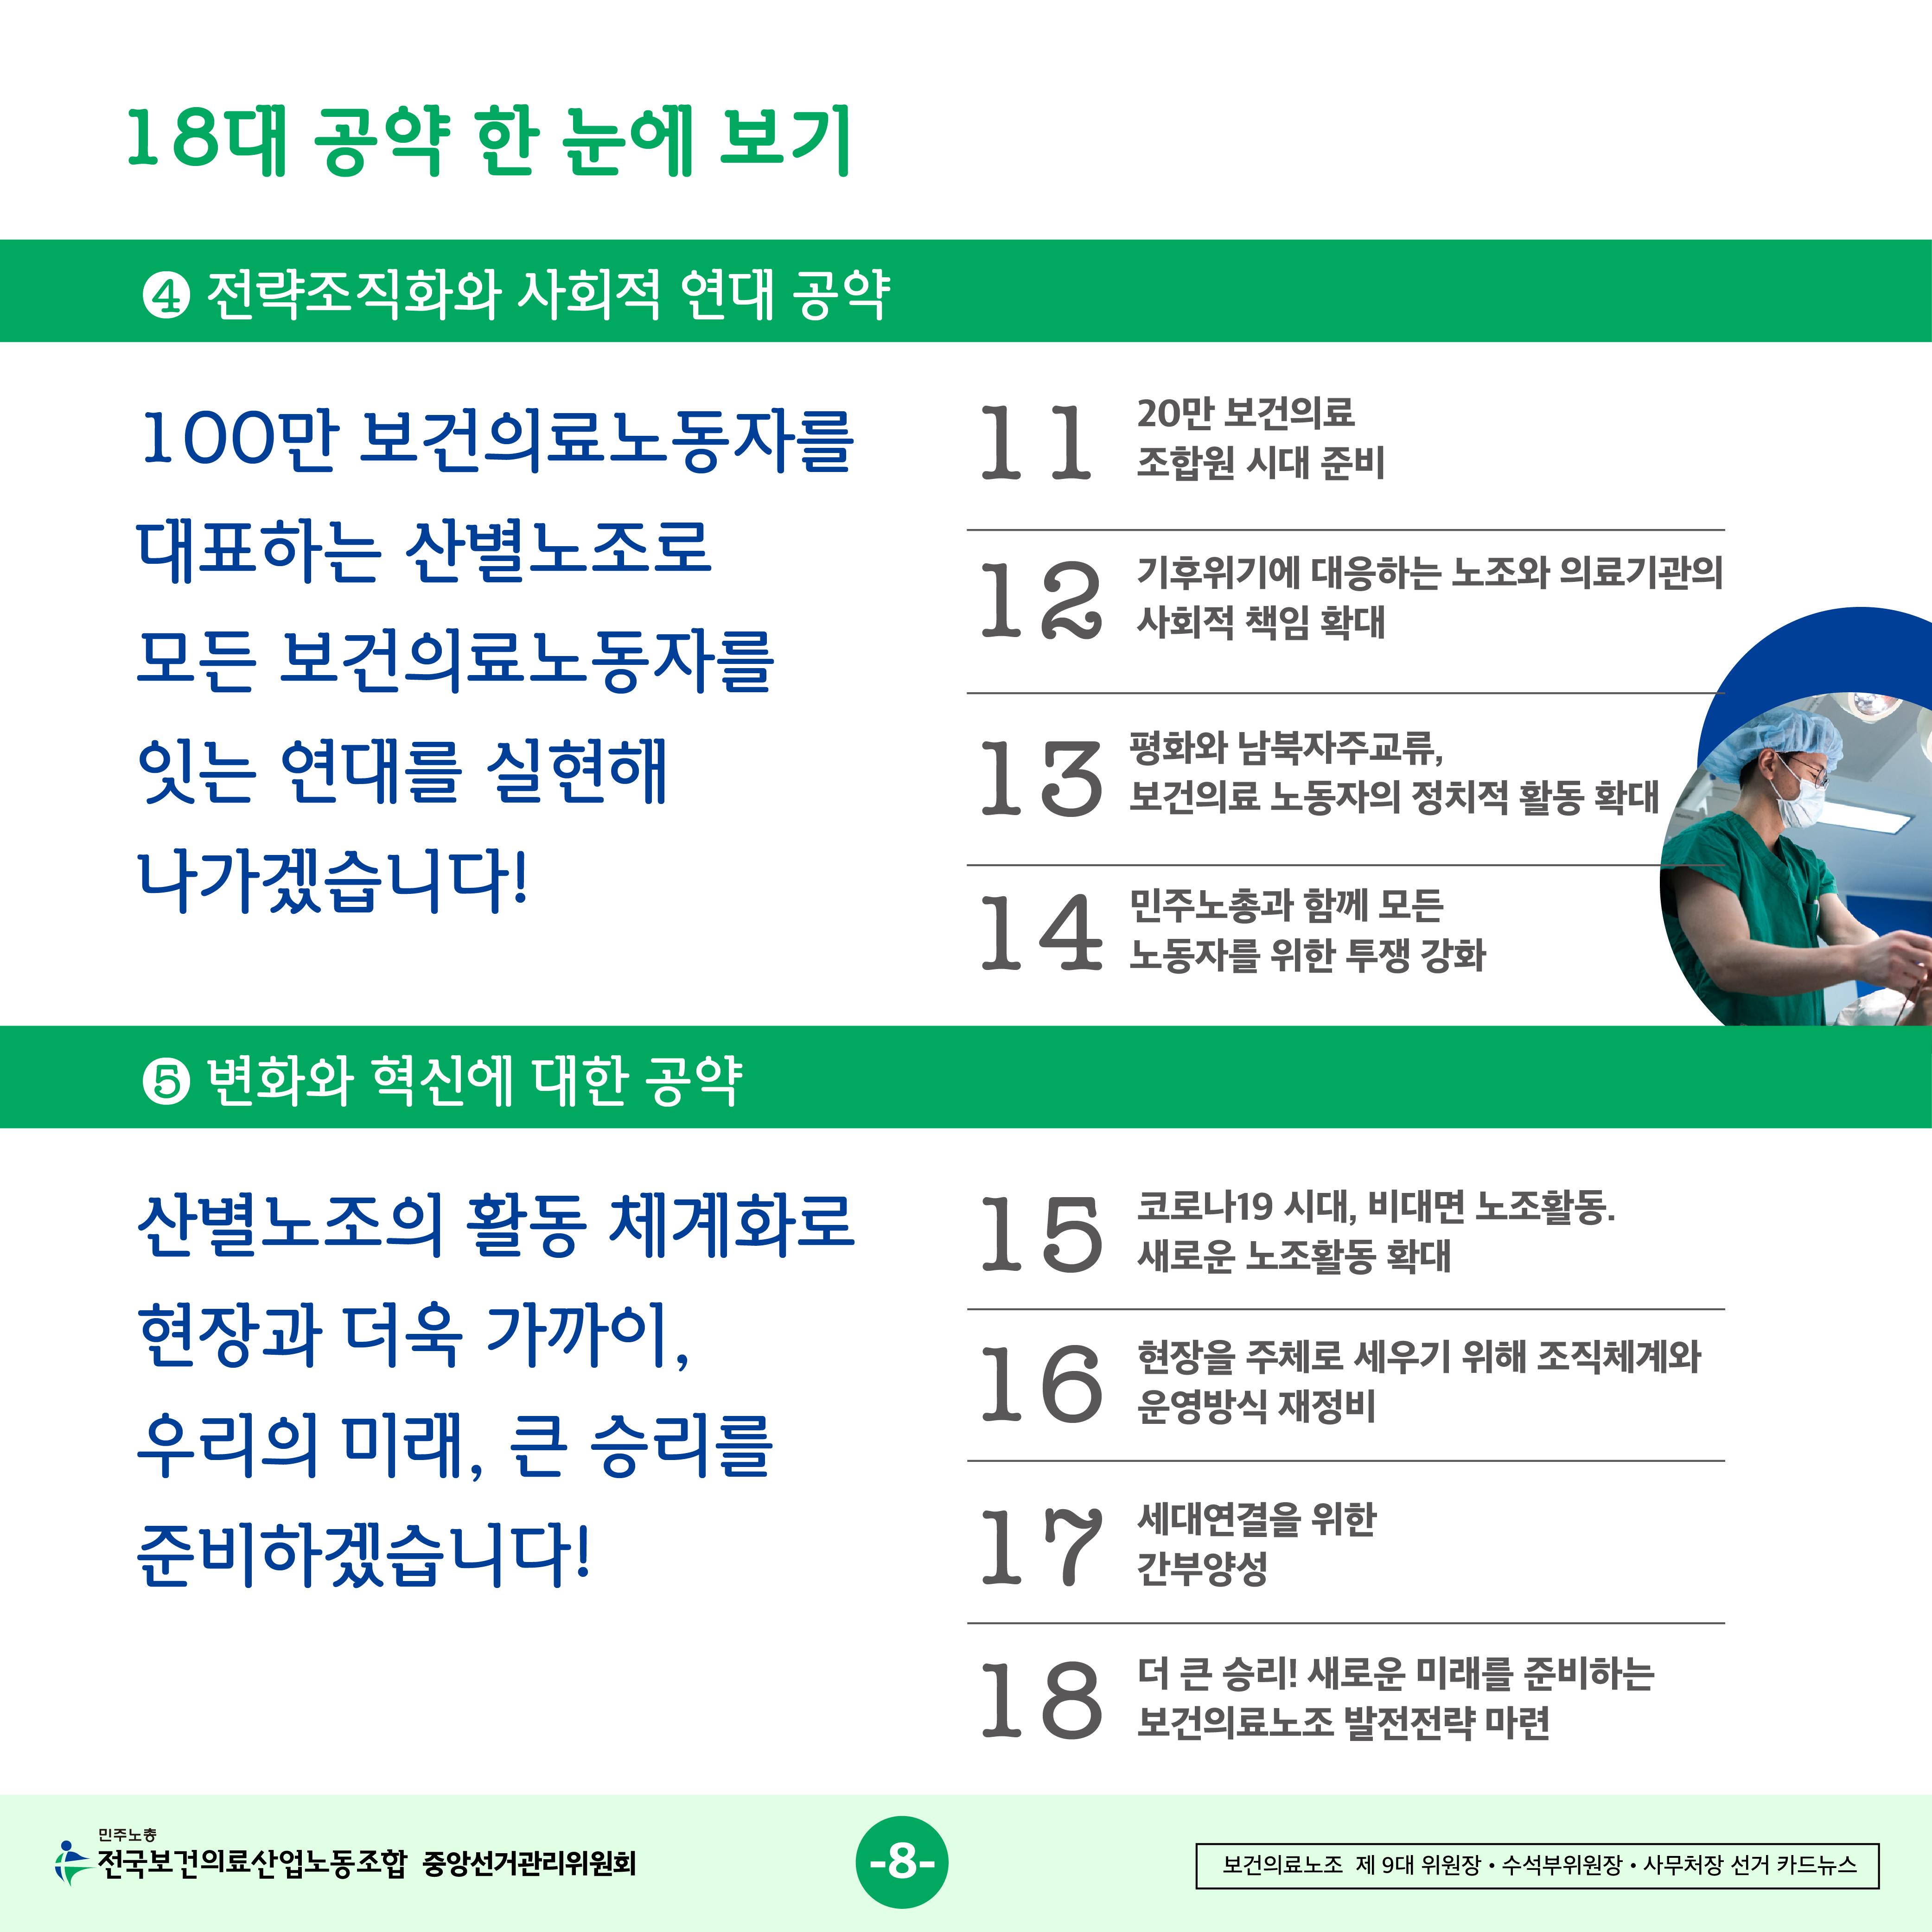 중선관위_카드뉴스_대지 1 사본 8.png